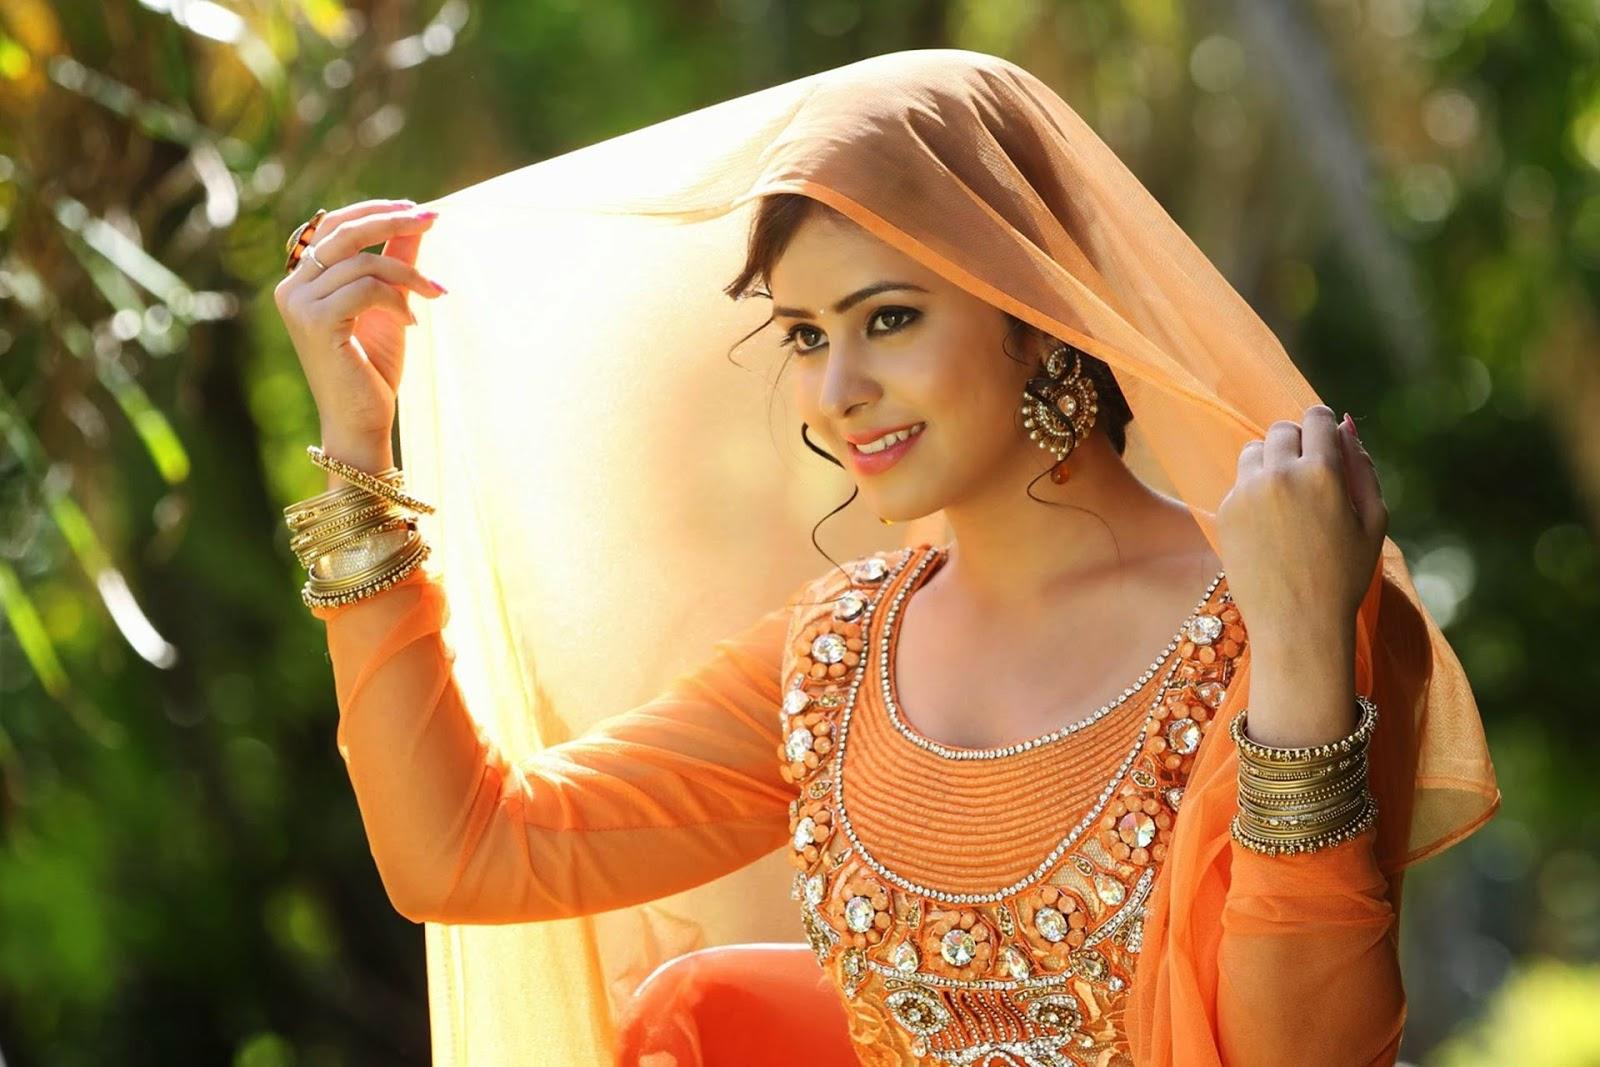 punjab-garl-neud-photo